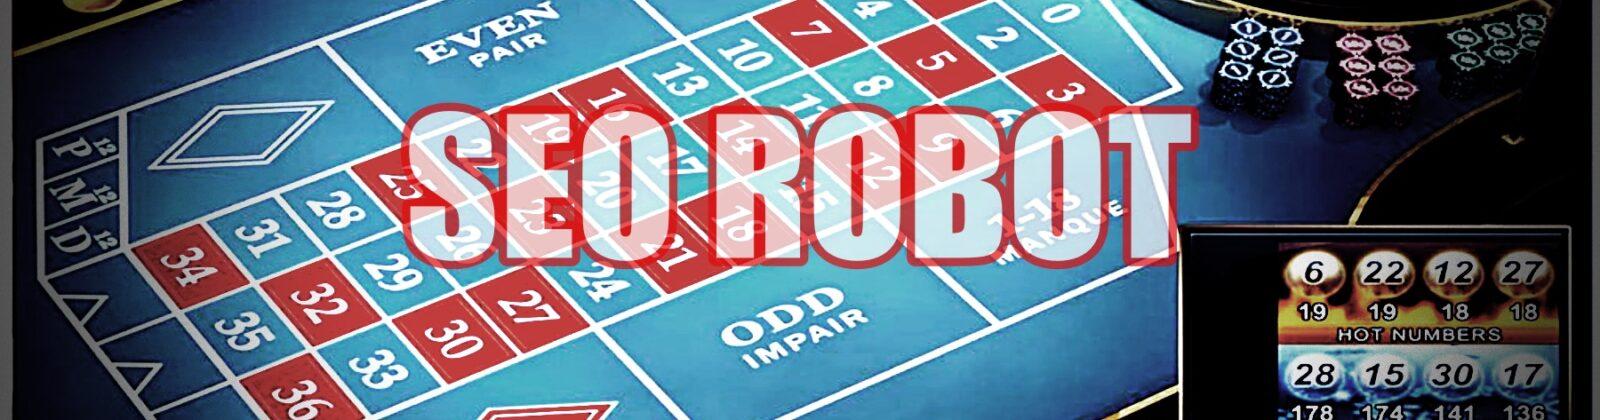 Pentingnya Pengaturan Modal dalam Judi Poker